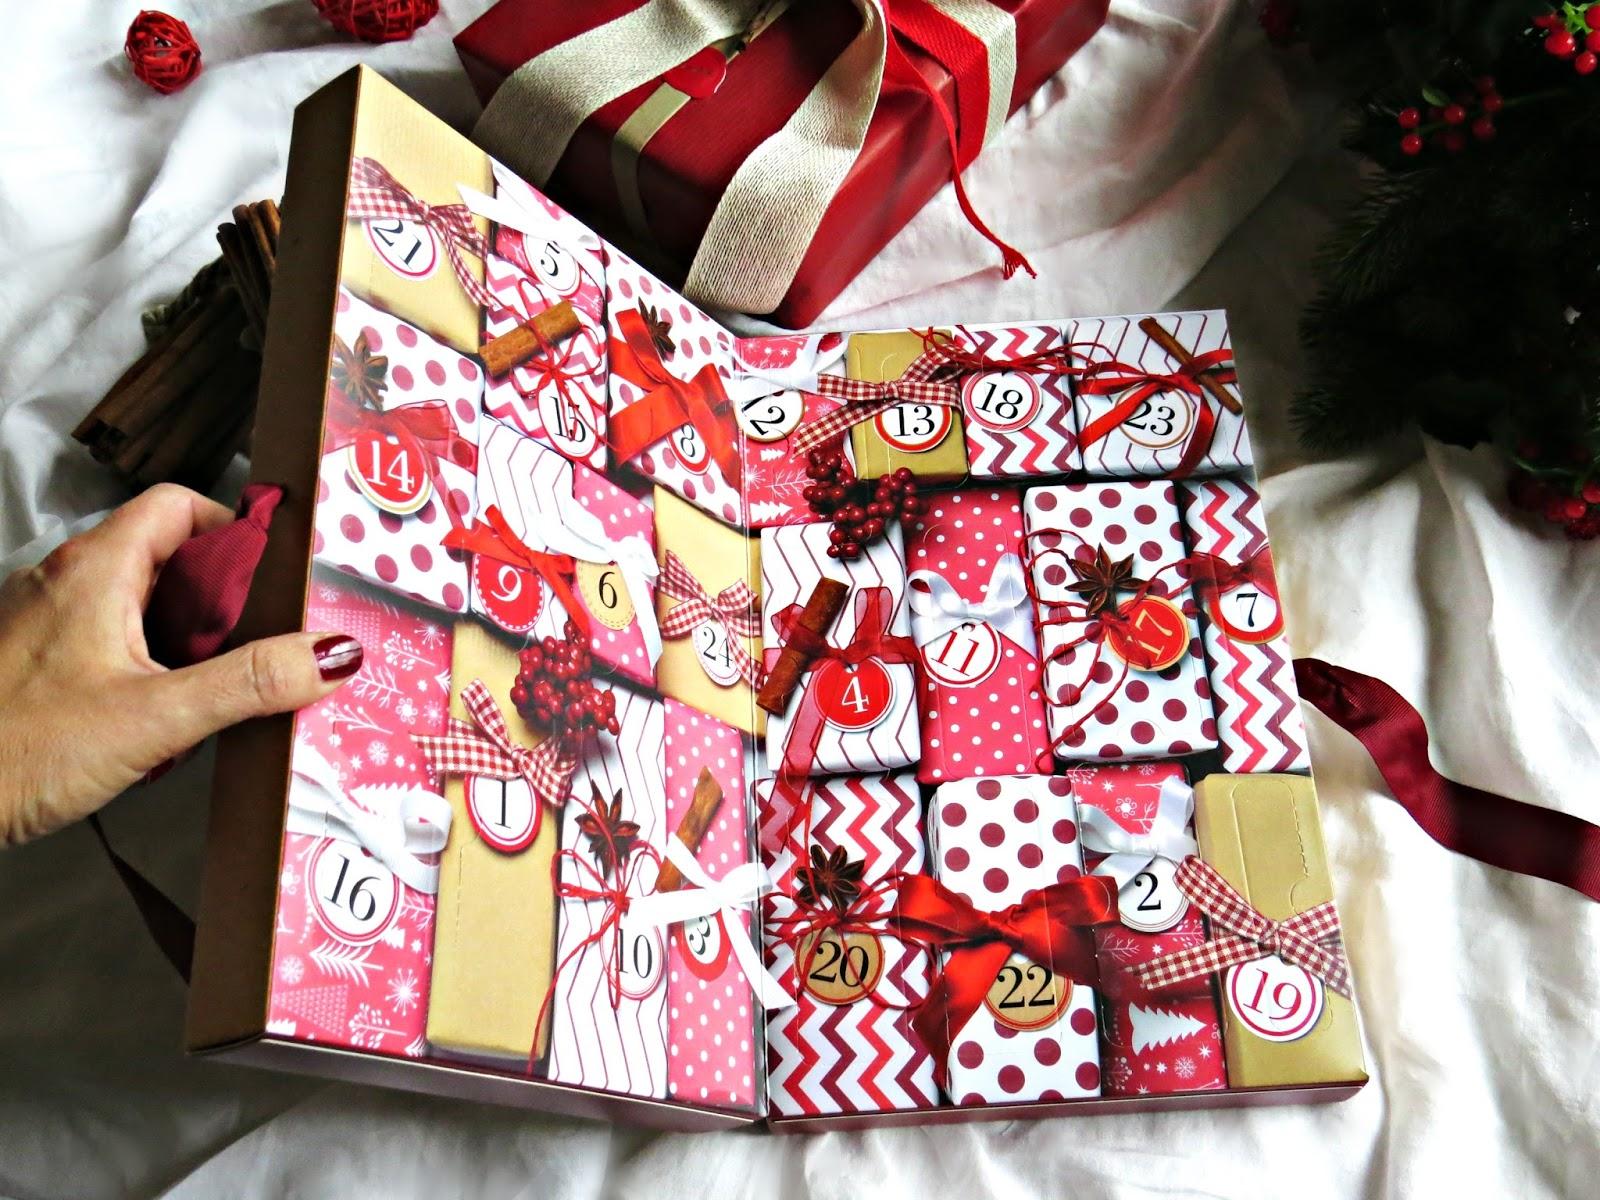 Bottega Verde Calendario Avvento.Belletto Make Up And Beauty Blog Aspettando Natale Le